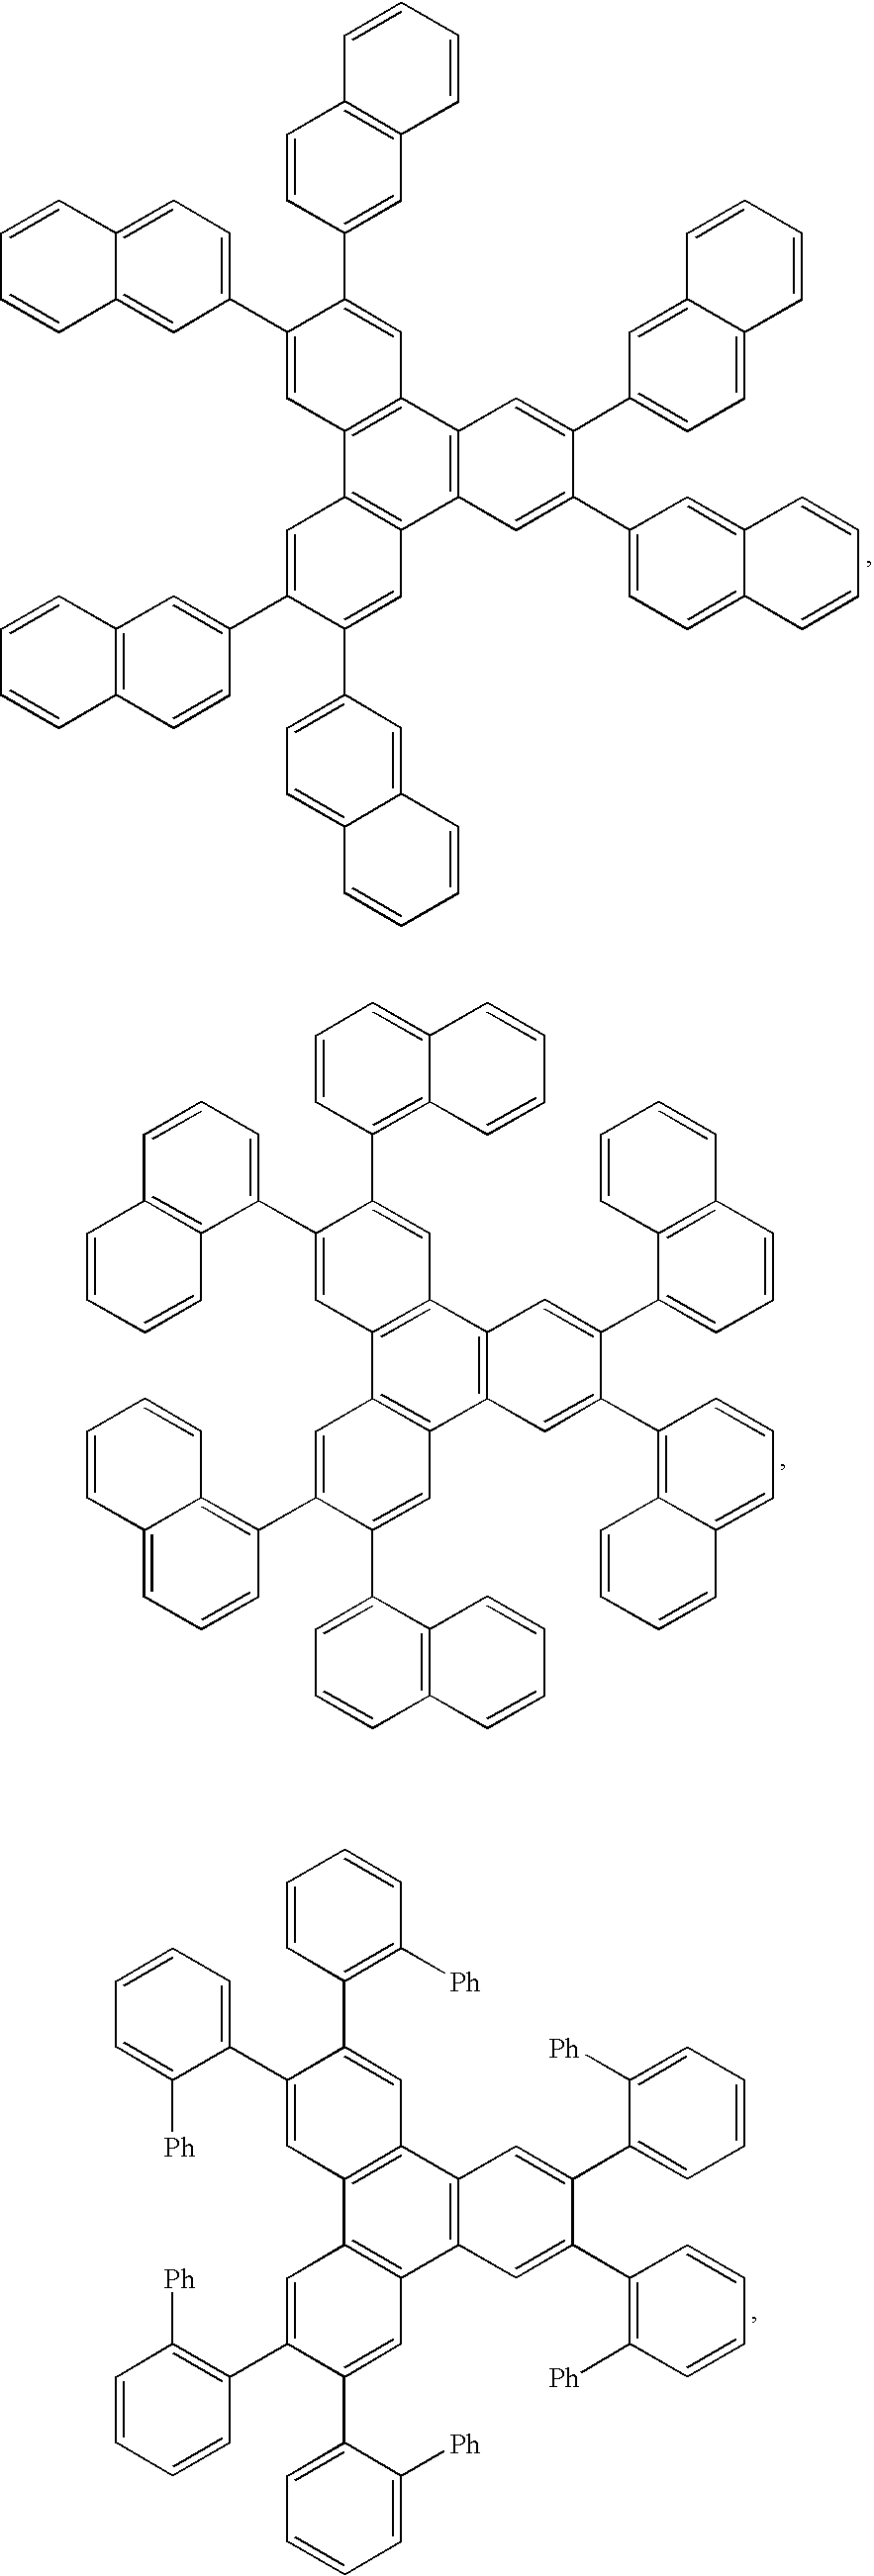 Figure US20060280965A1-20061214-C00061